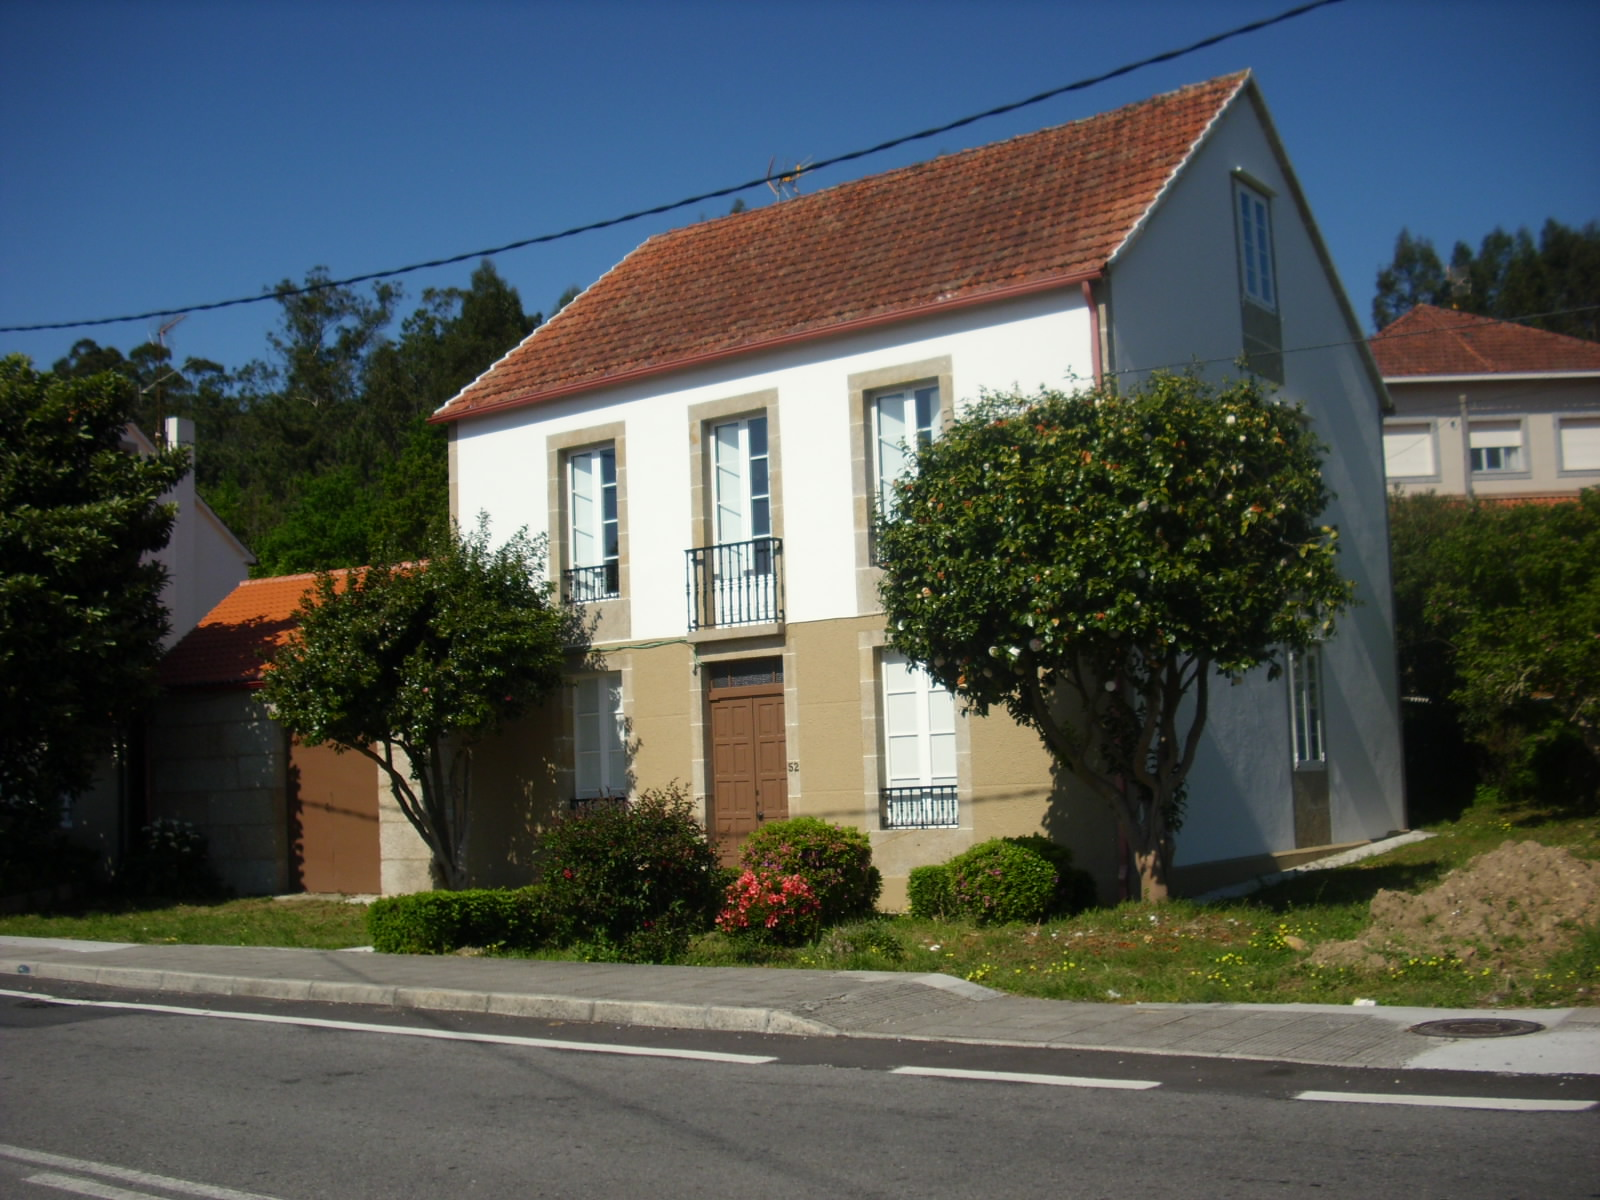 Alquiler casa rural galicia casa rural os carballos - Alquiler casa rural galicia ...